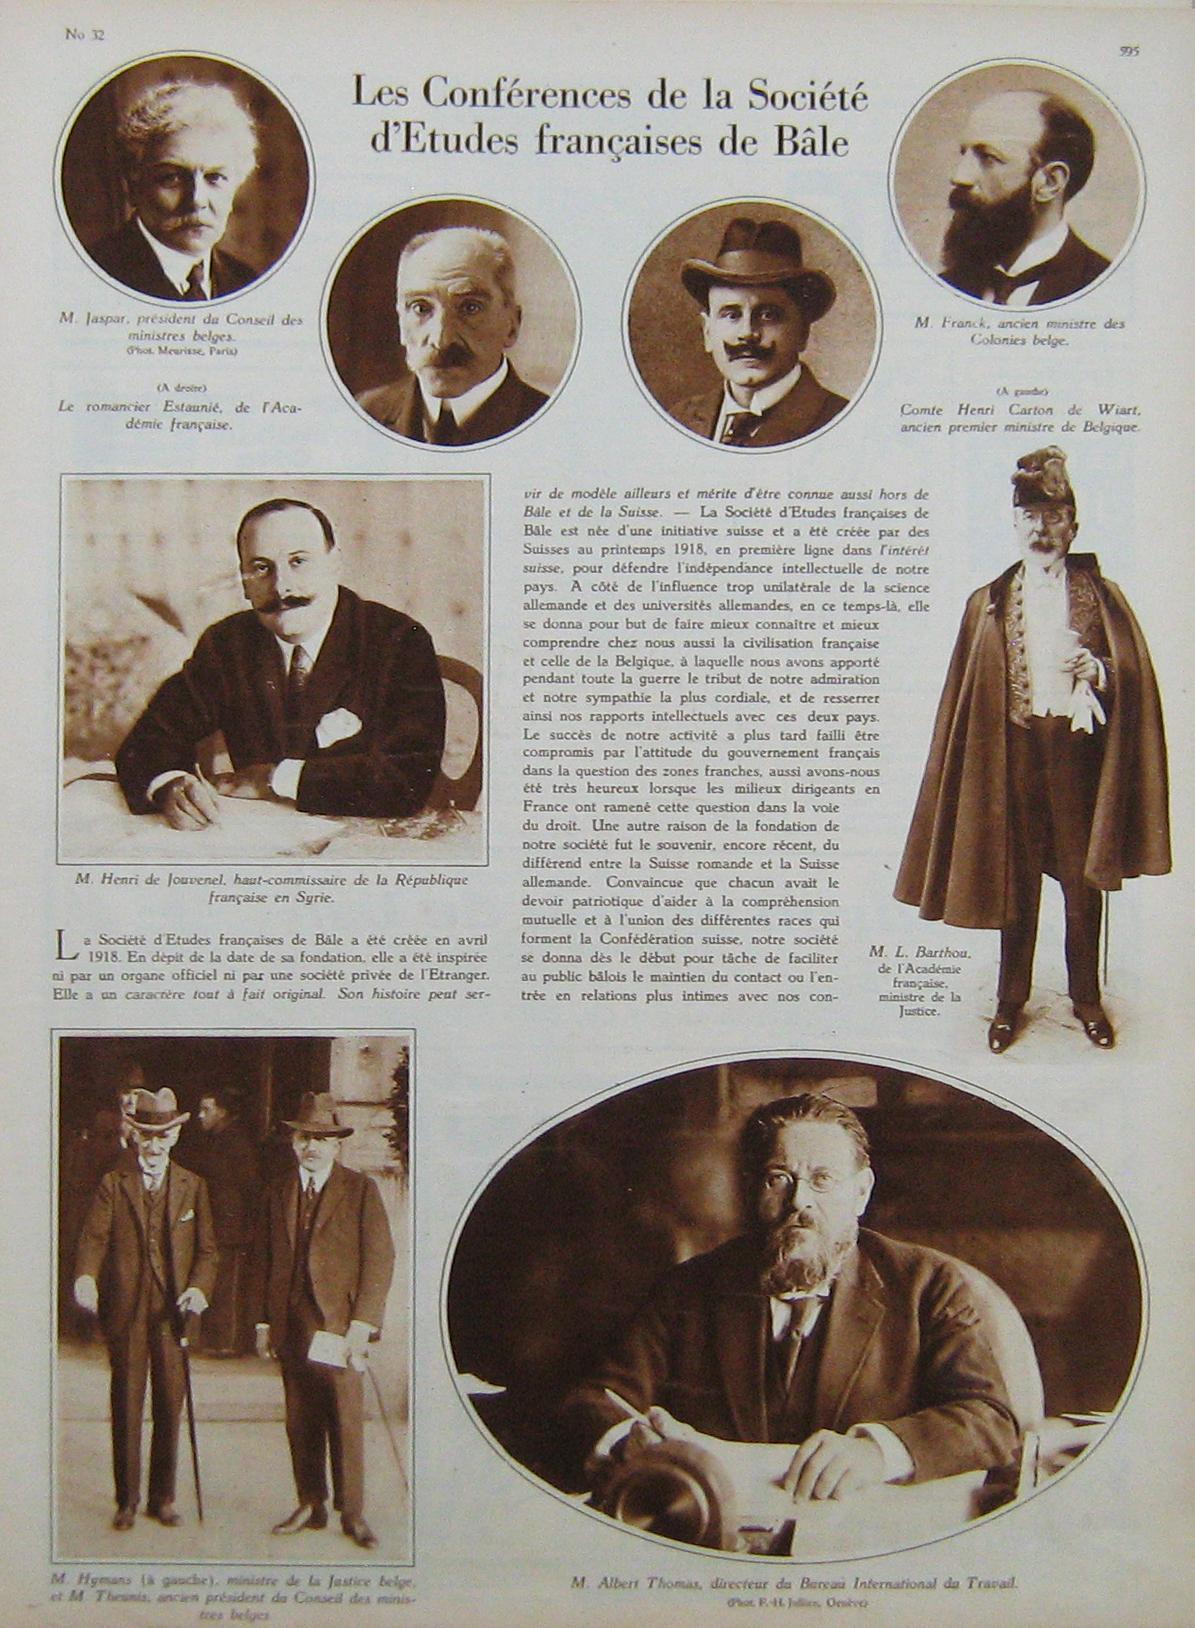 L'Illustré du 12 août 1926